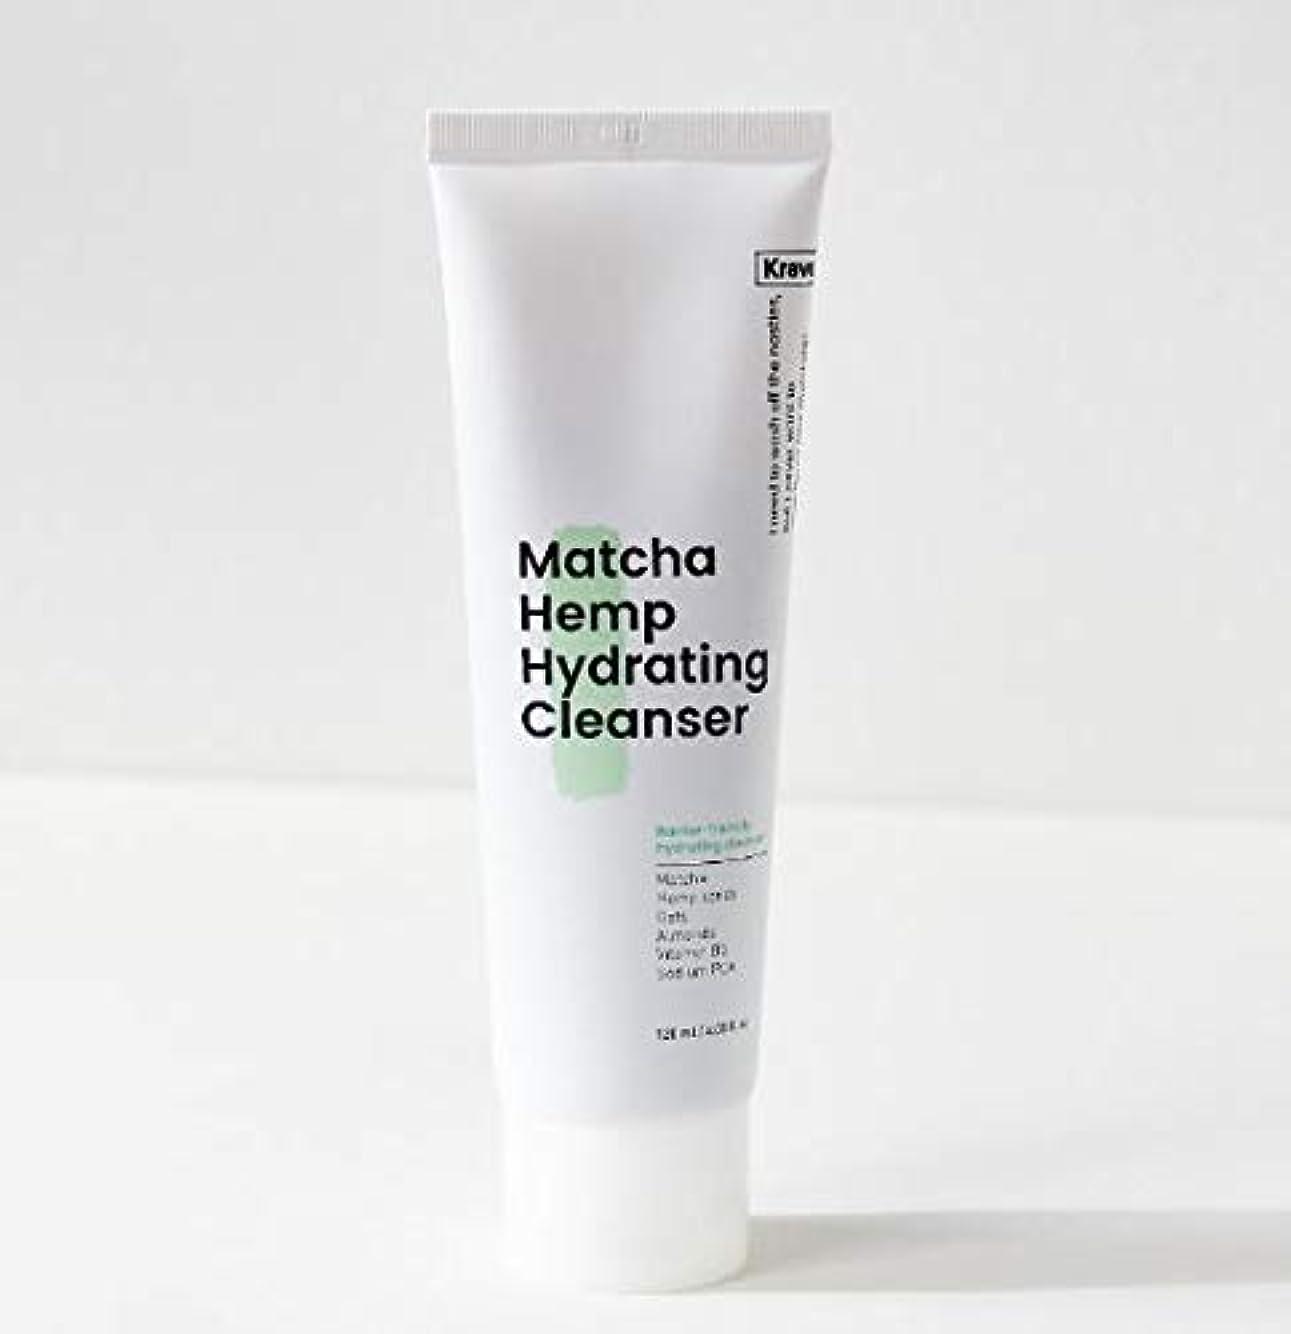 フィードオンプラットフォーム船形[Krave] Matcha Hemp Hydrating Cleanser 120ml / 抹茶ハイドレイティングクレンザー120ml [並行輸入品]